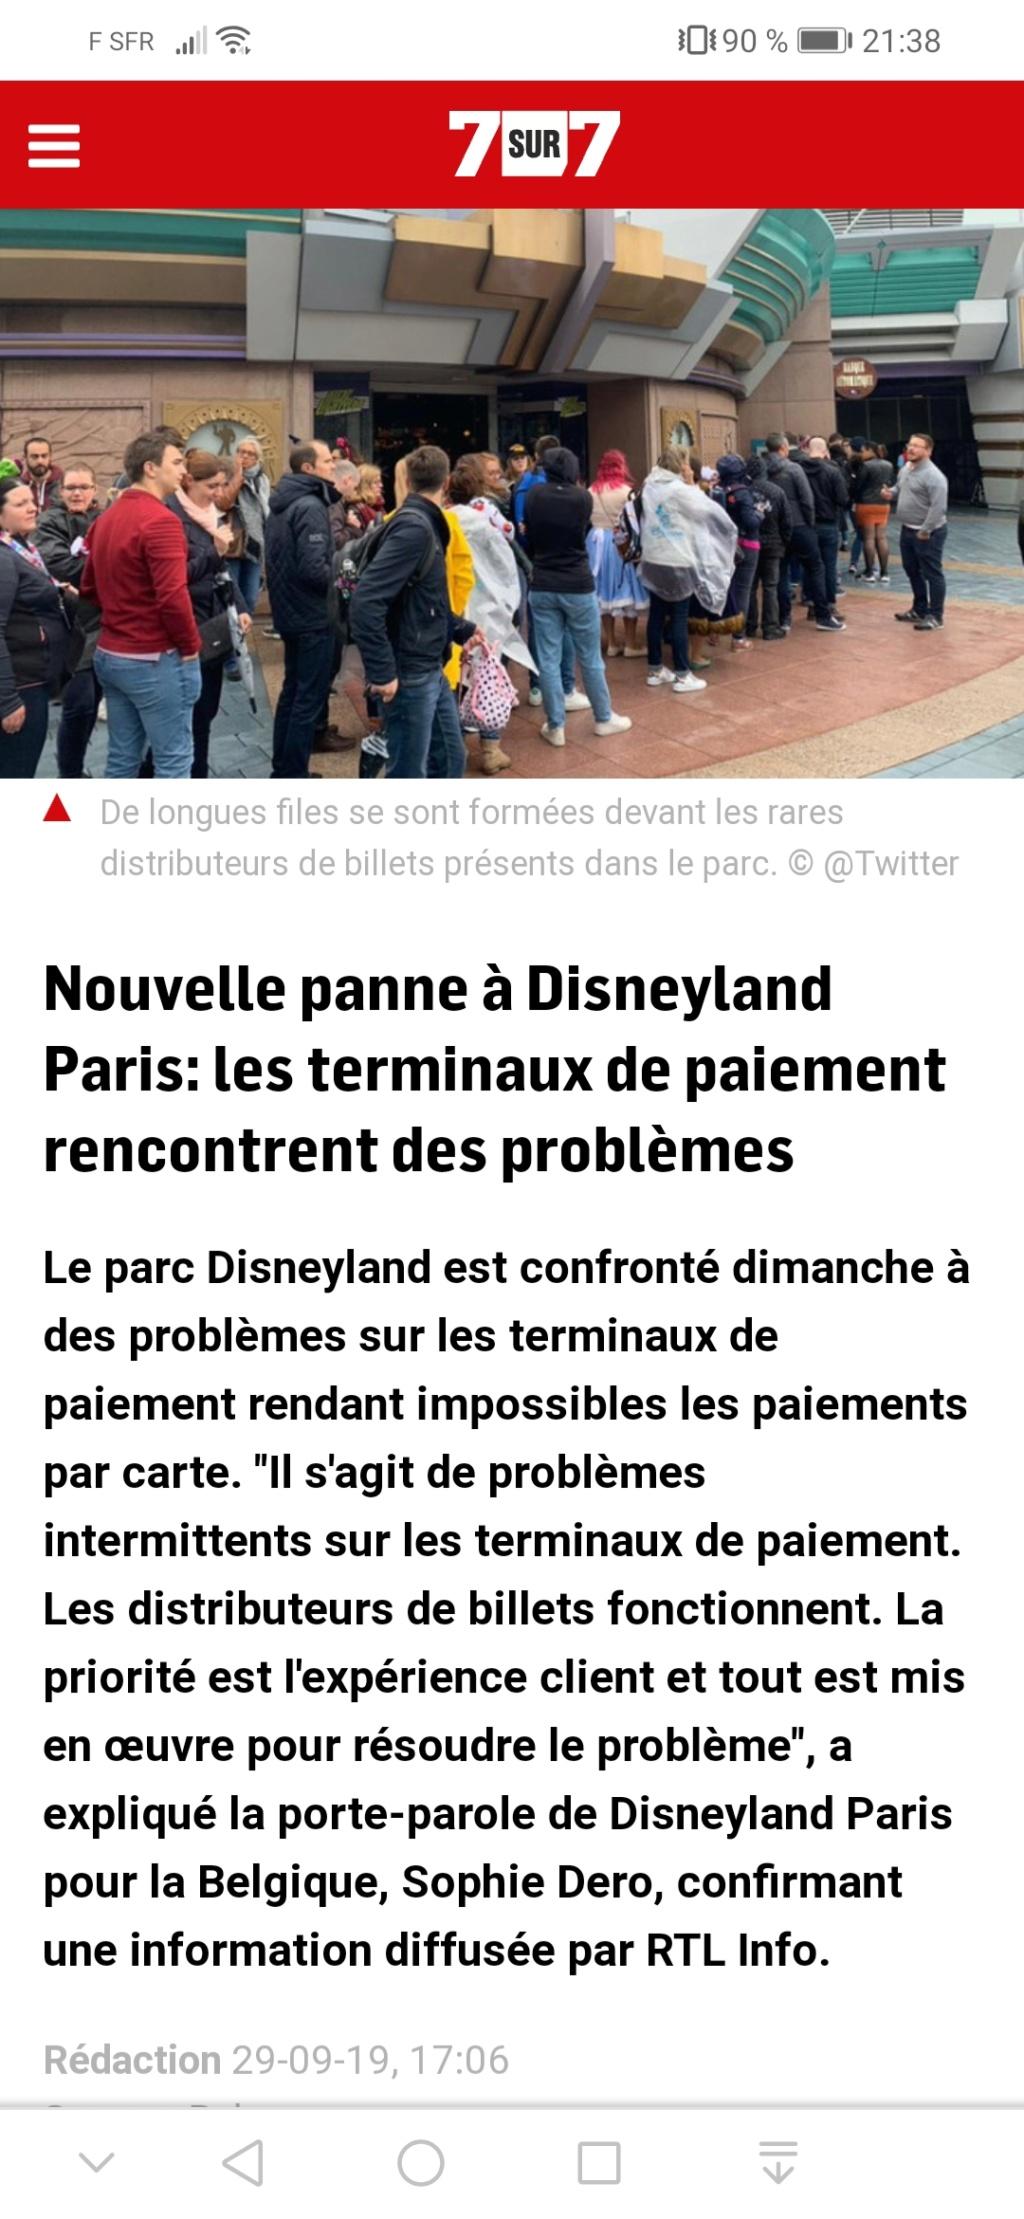 Collection des bourdes de Disneyland Paris - Page 4 Screen10